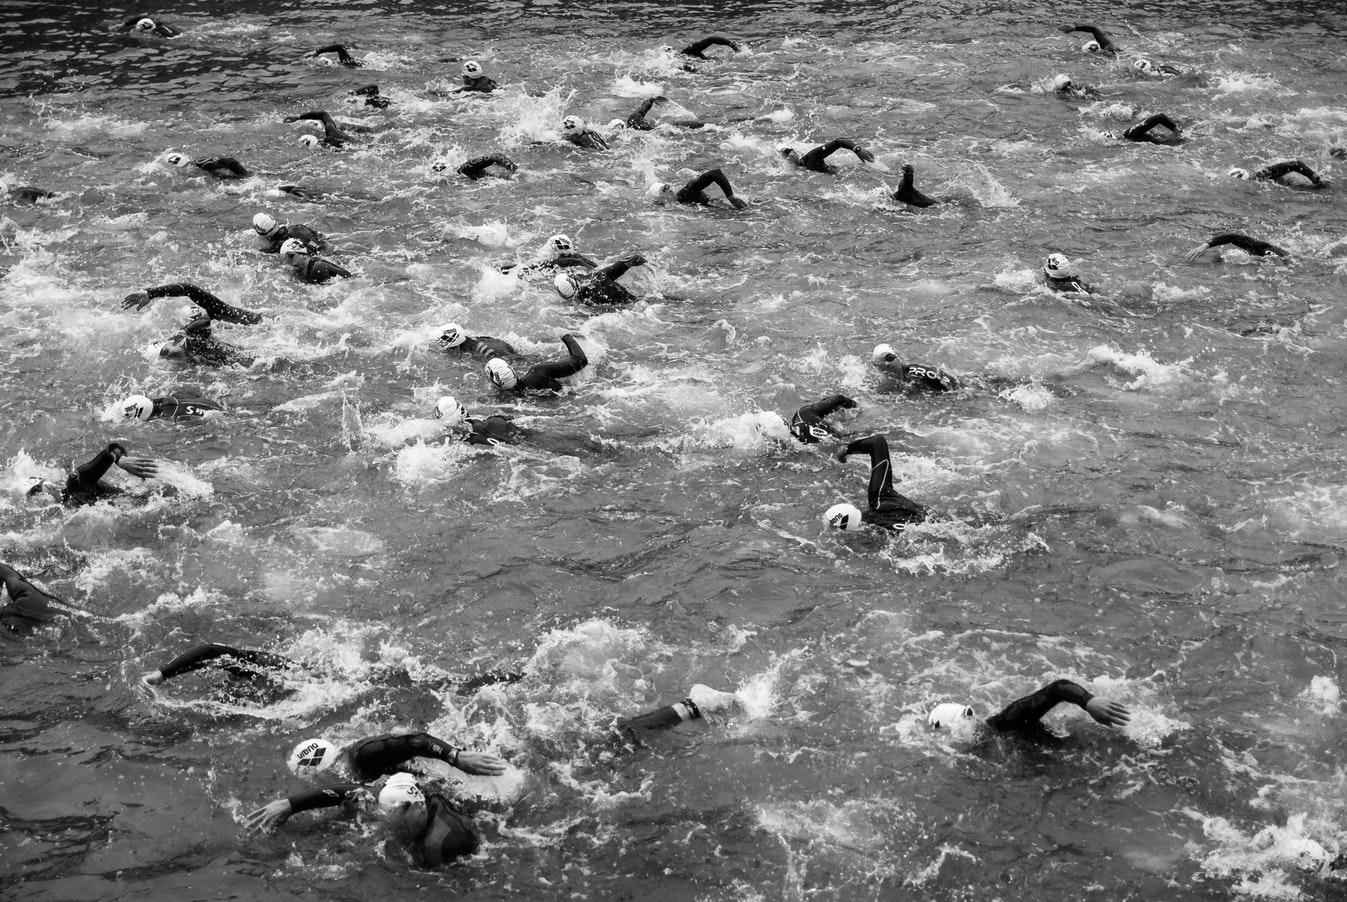 Triathlon swimmers in open water.